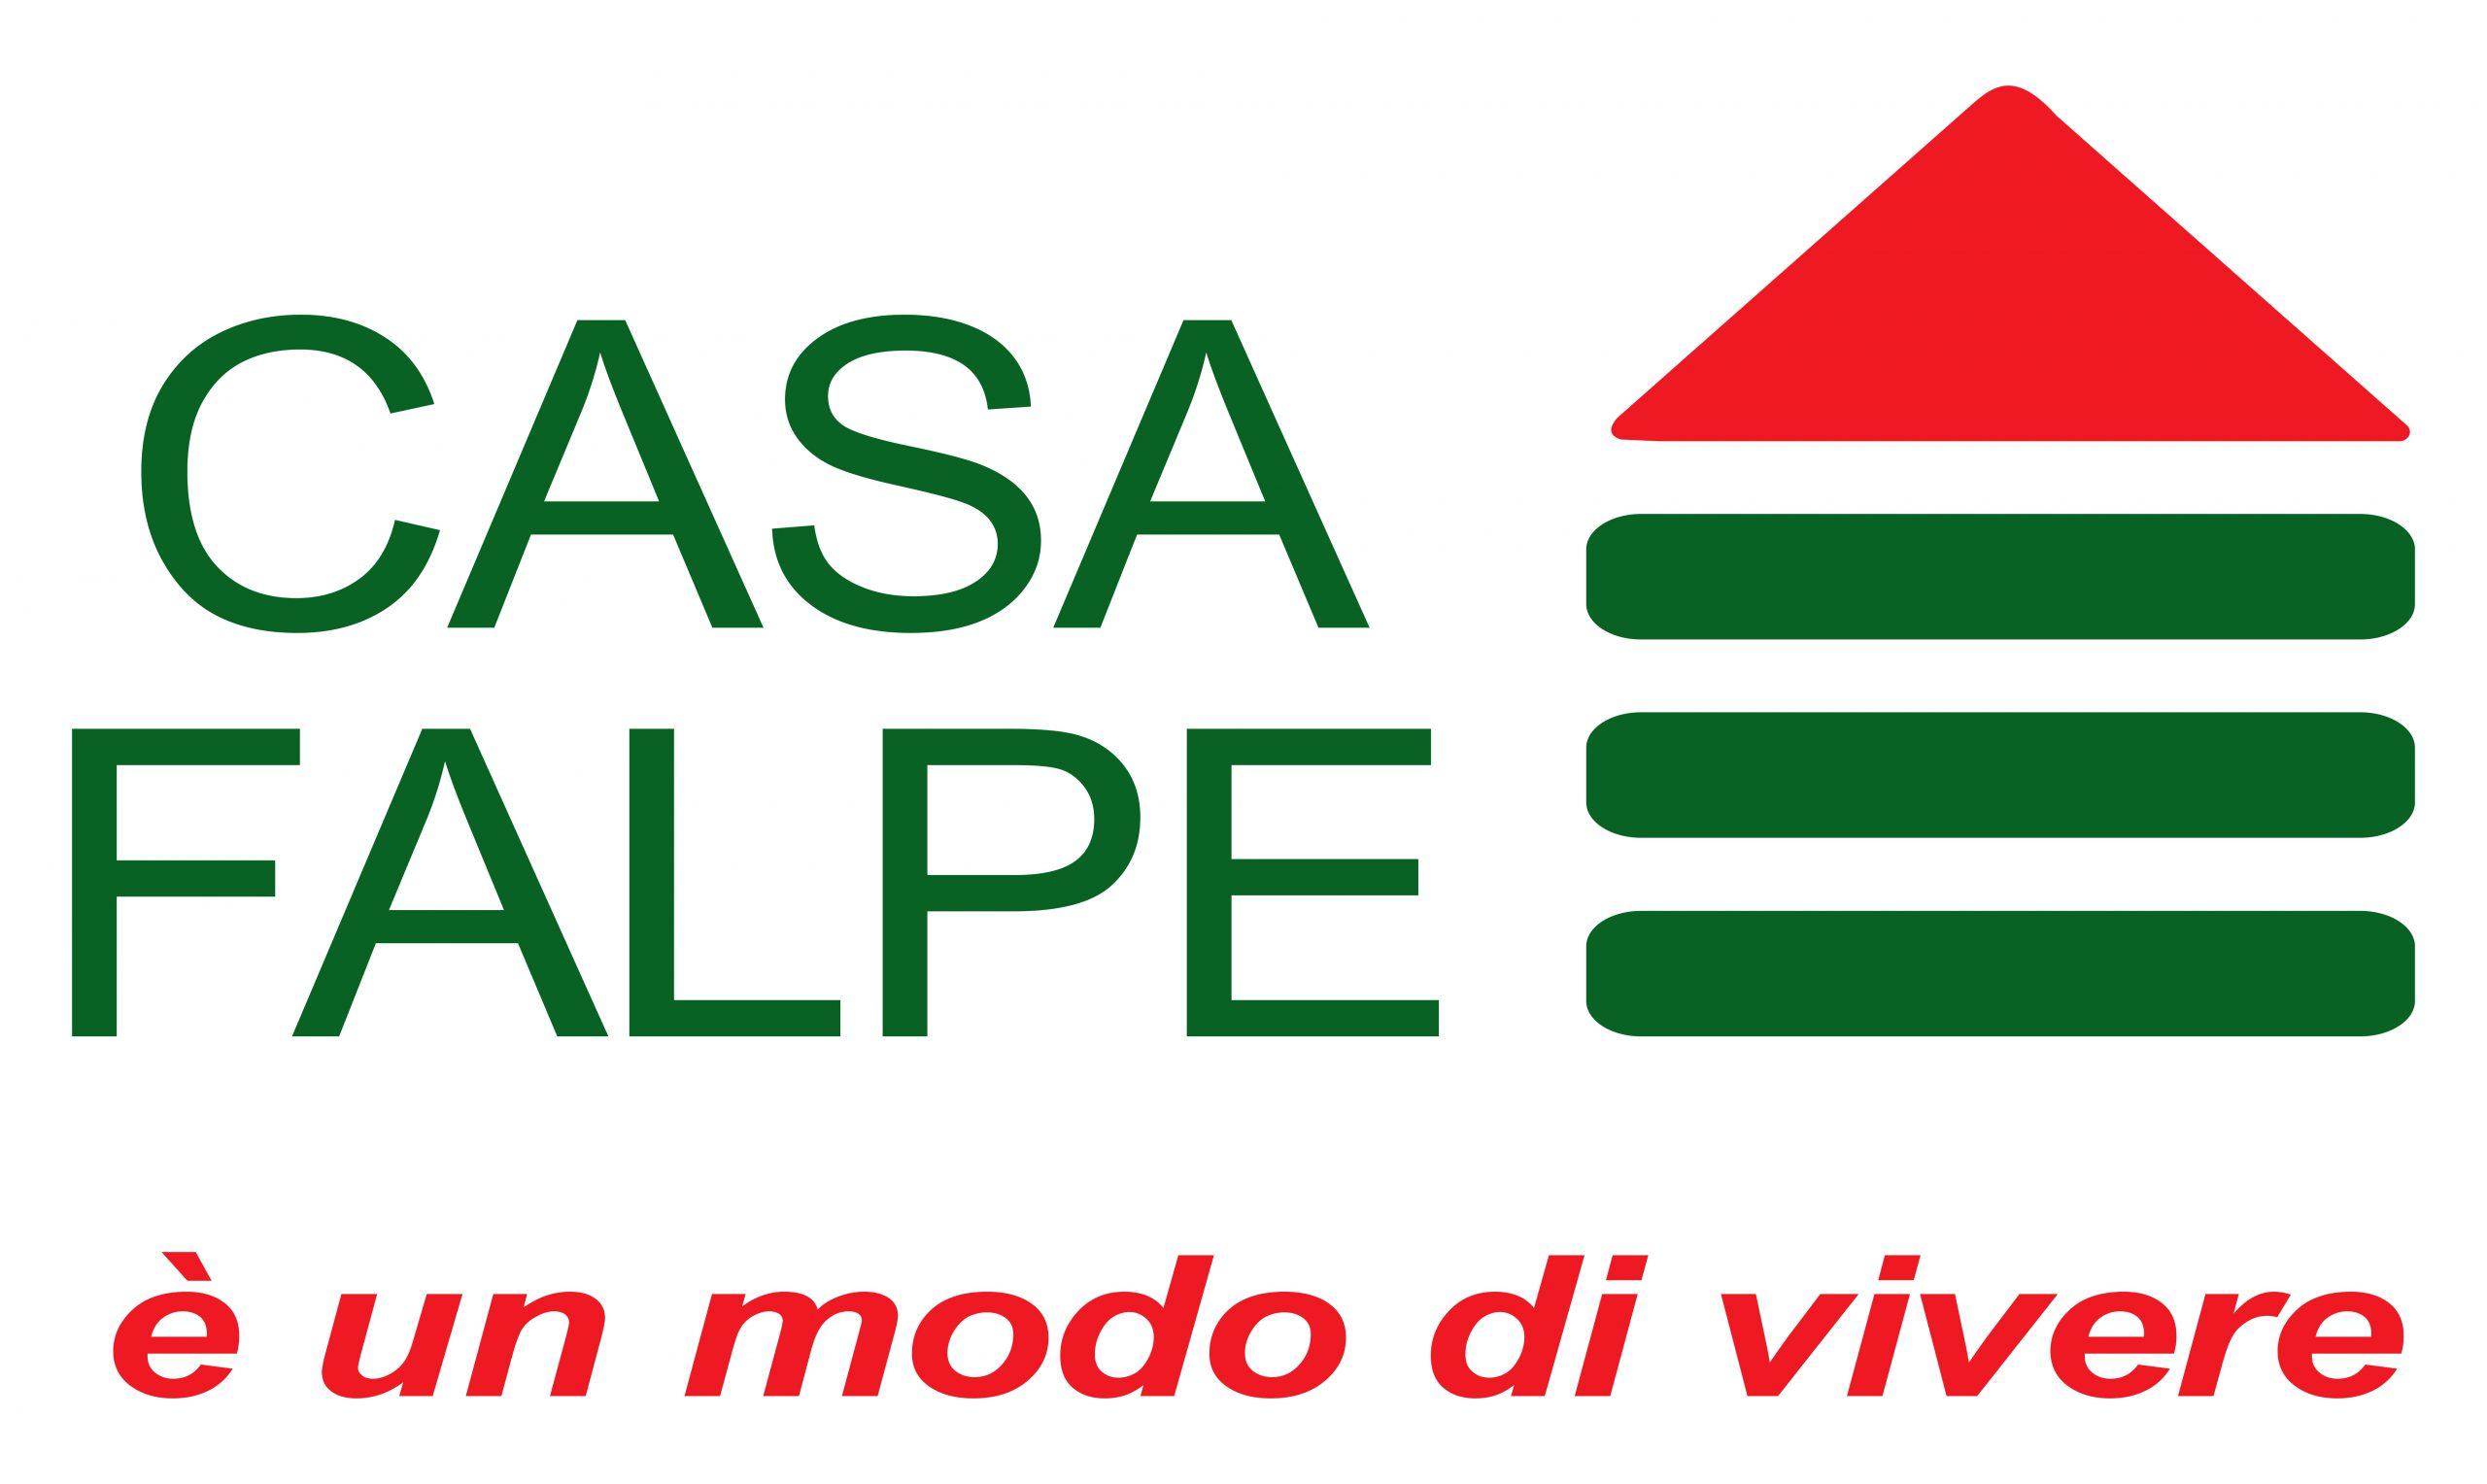 Sistema Casa Falpe Erba Como Lecco Milano Monza